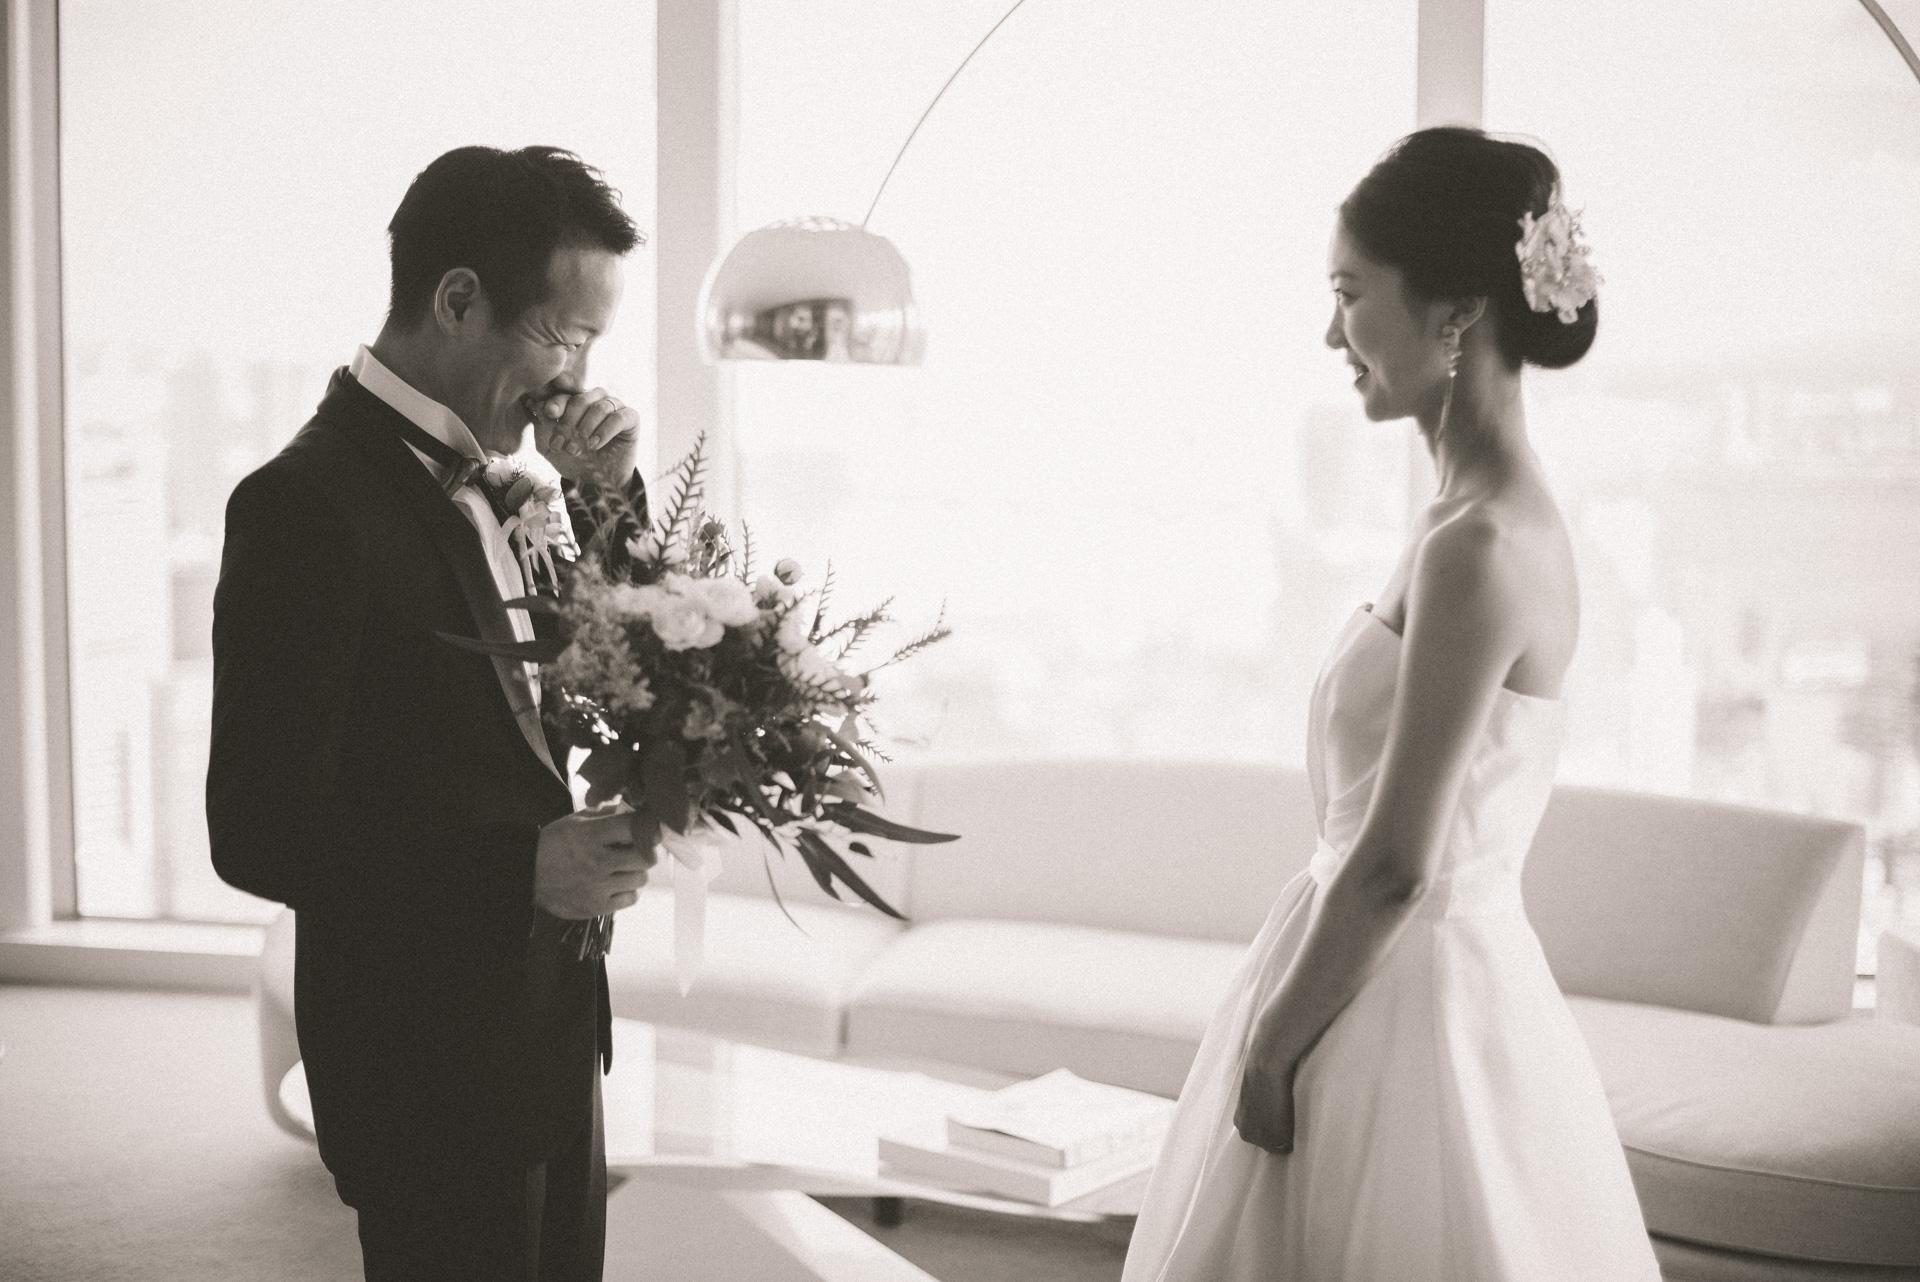 結婚式の写真撮影 アンダーズ東京 ファーストミート